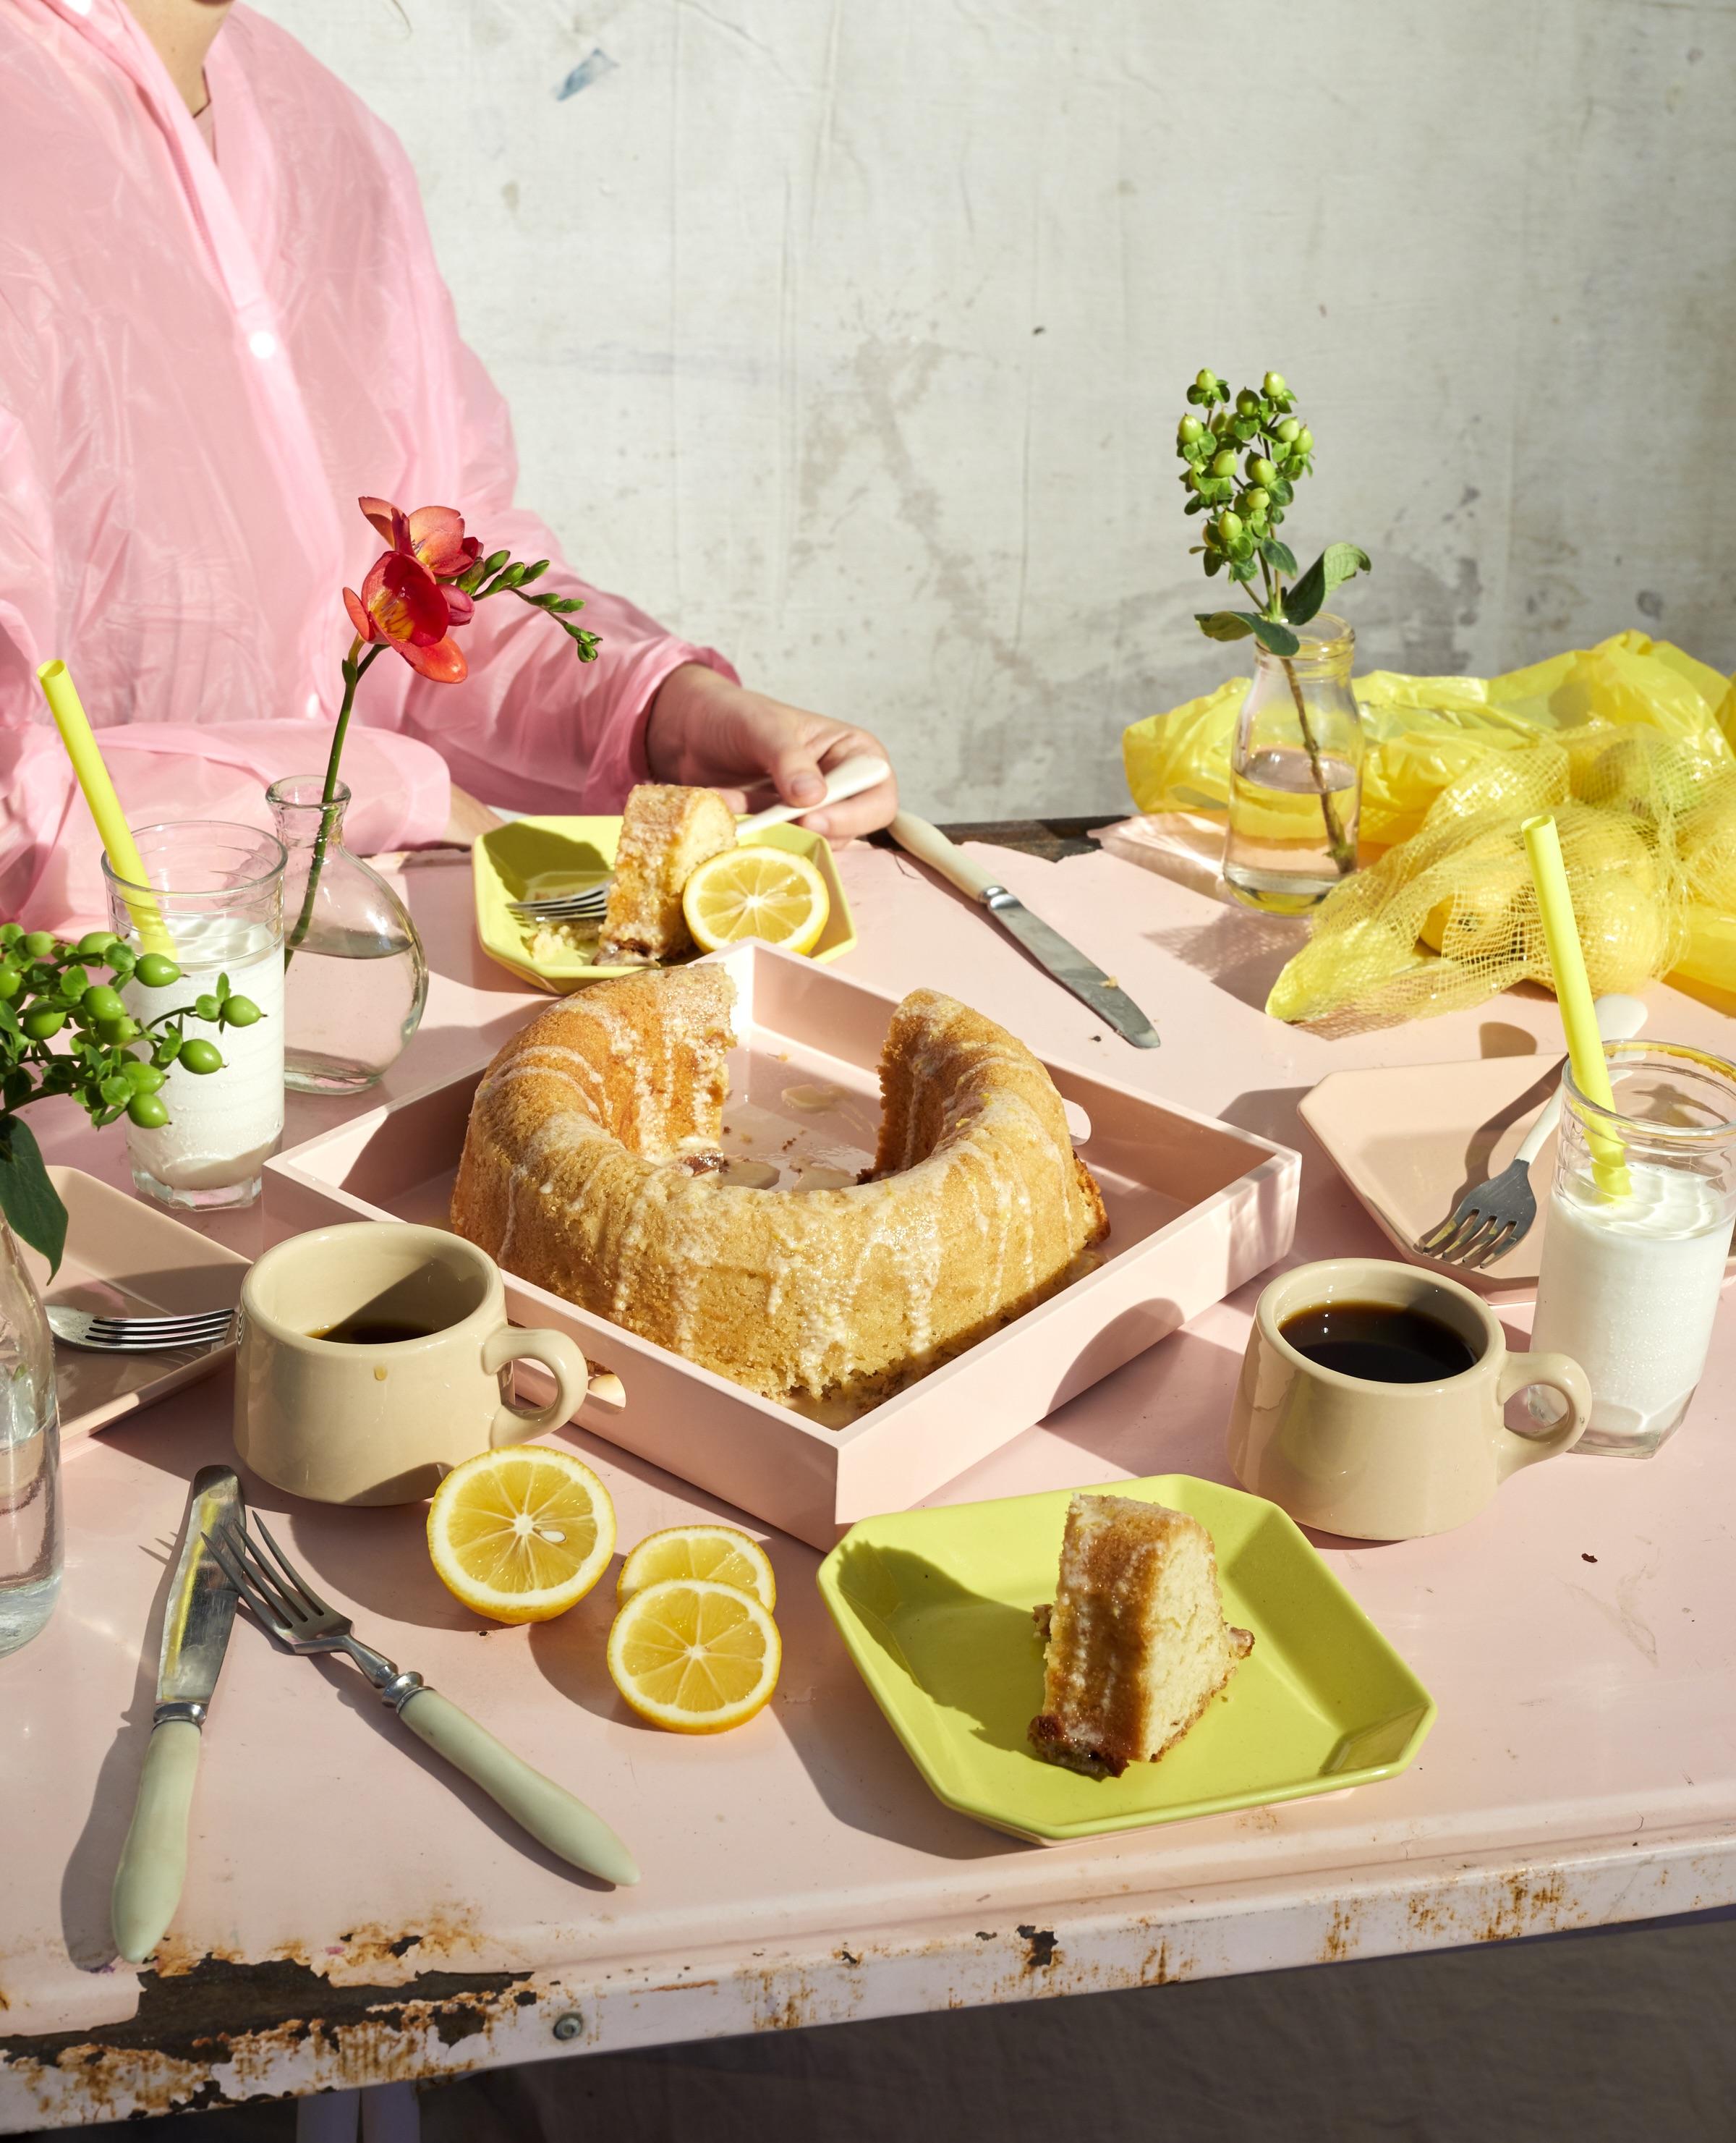 lauras-lemon-cake-50 copy.jpg